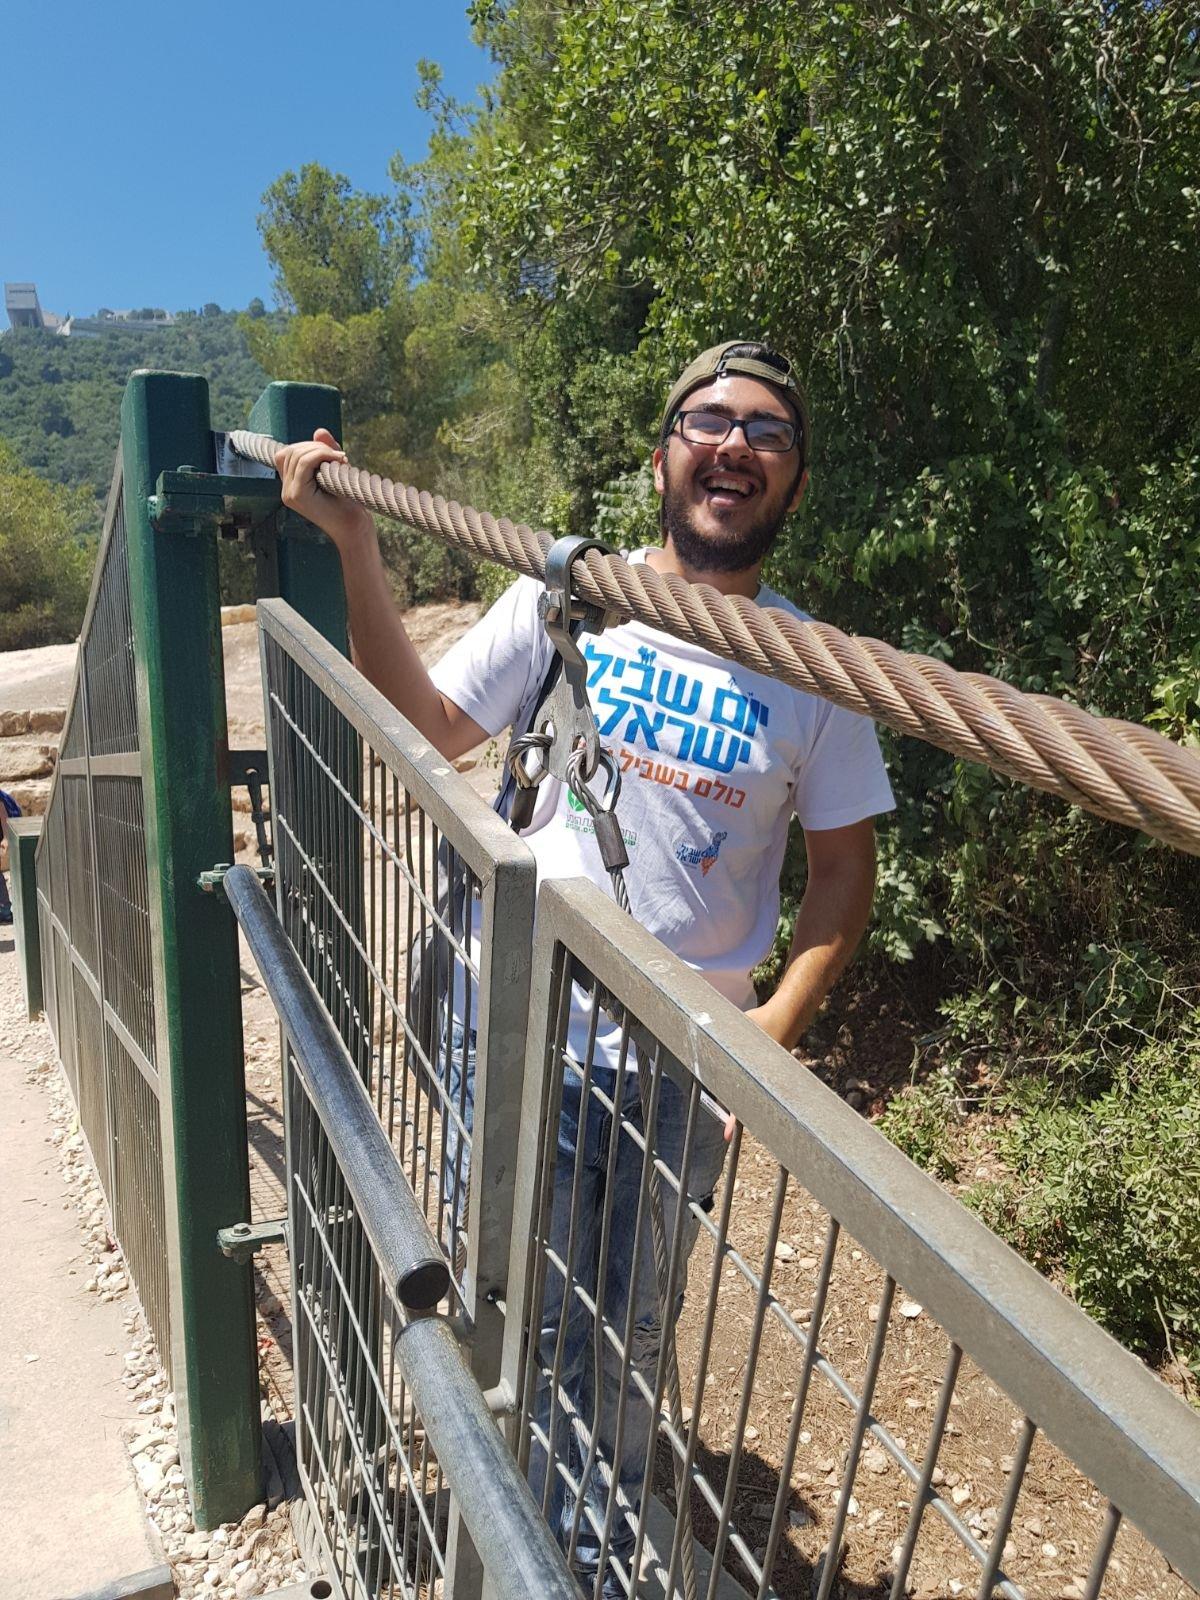 جمعيّة حماية الطّبيعة في مخيّم صيّف وكيّف - عين الأسد